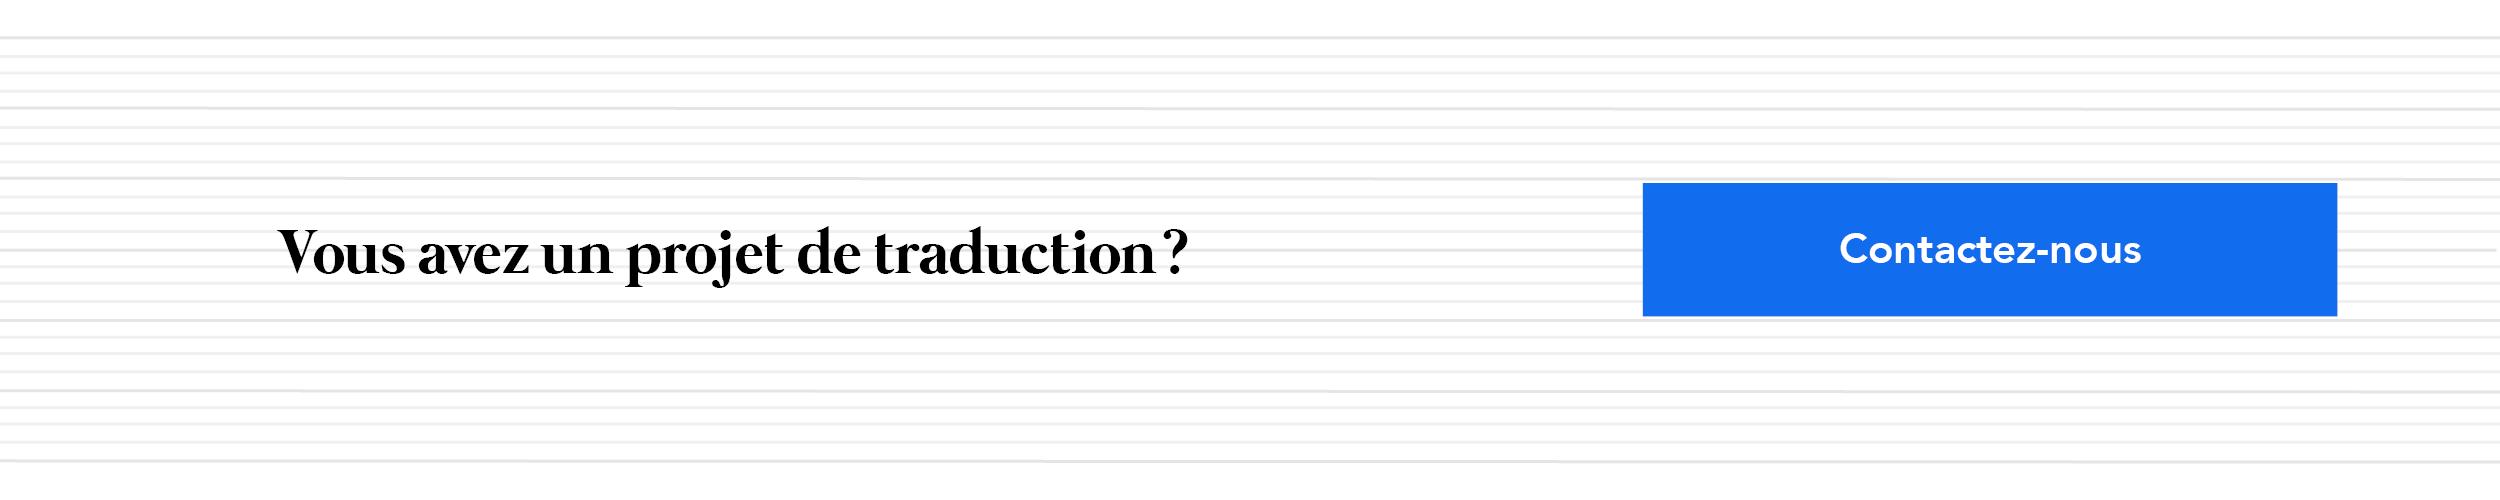 Vous avez un projet de traduction ? Contactez-nous !